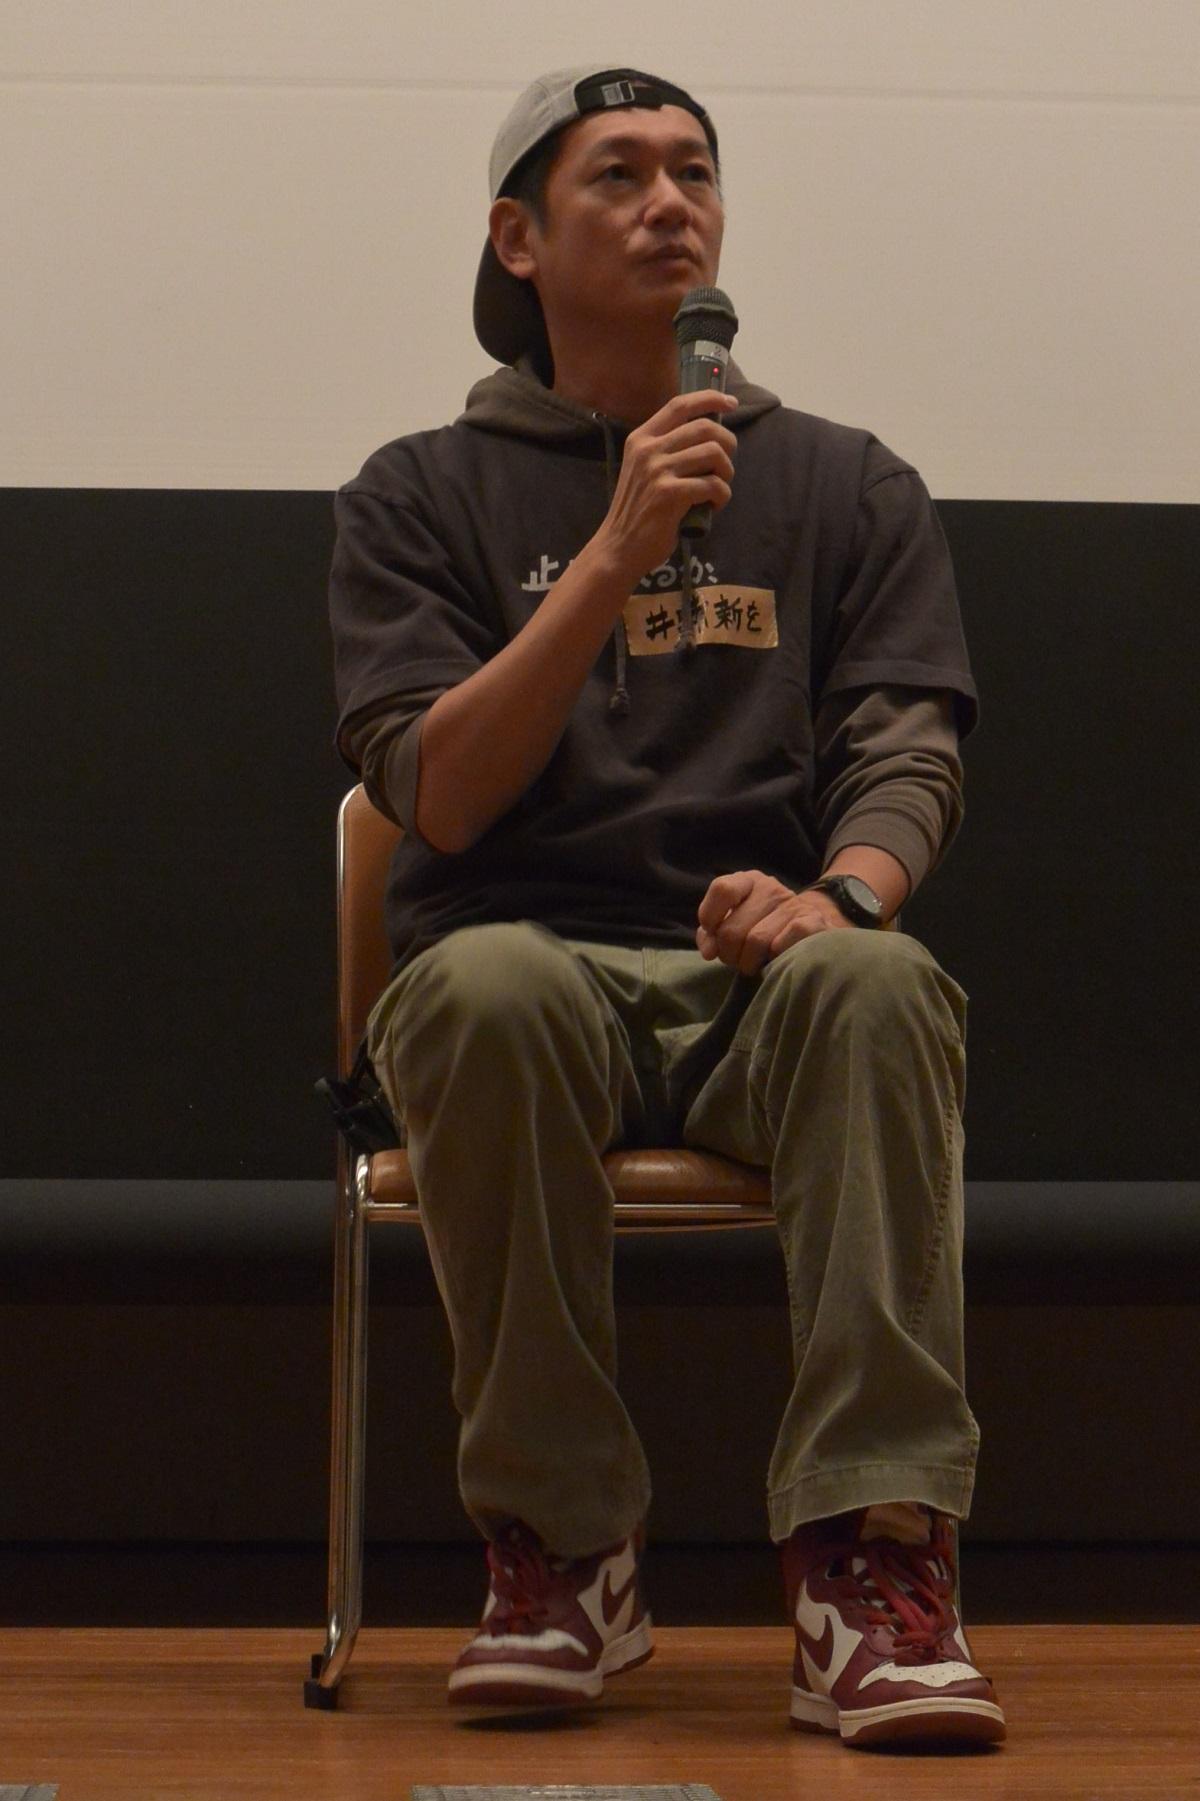 写真・図版 : 11月4日の映画祭最終日、『主戦場』上映決定を受けて、映画祭プログラムでの『止められるか、俺たちを』上映と、若松プロの『11.25自決の日 三島由紀夫と若者たち』の自主上映が同日夜にそれぞれ行われた。両作のティーチインに、白石和彌、辻智彦とともに、俳優の井浦新も登壇し、「来年もしっかり頑張ってください。応援しますから」と映画祭にエールを送った